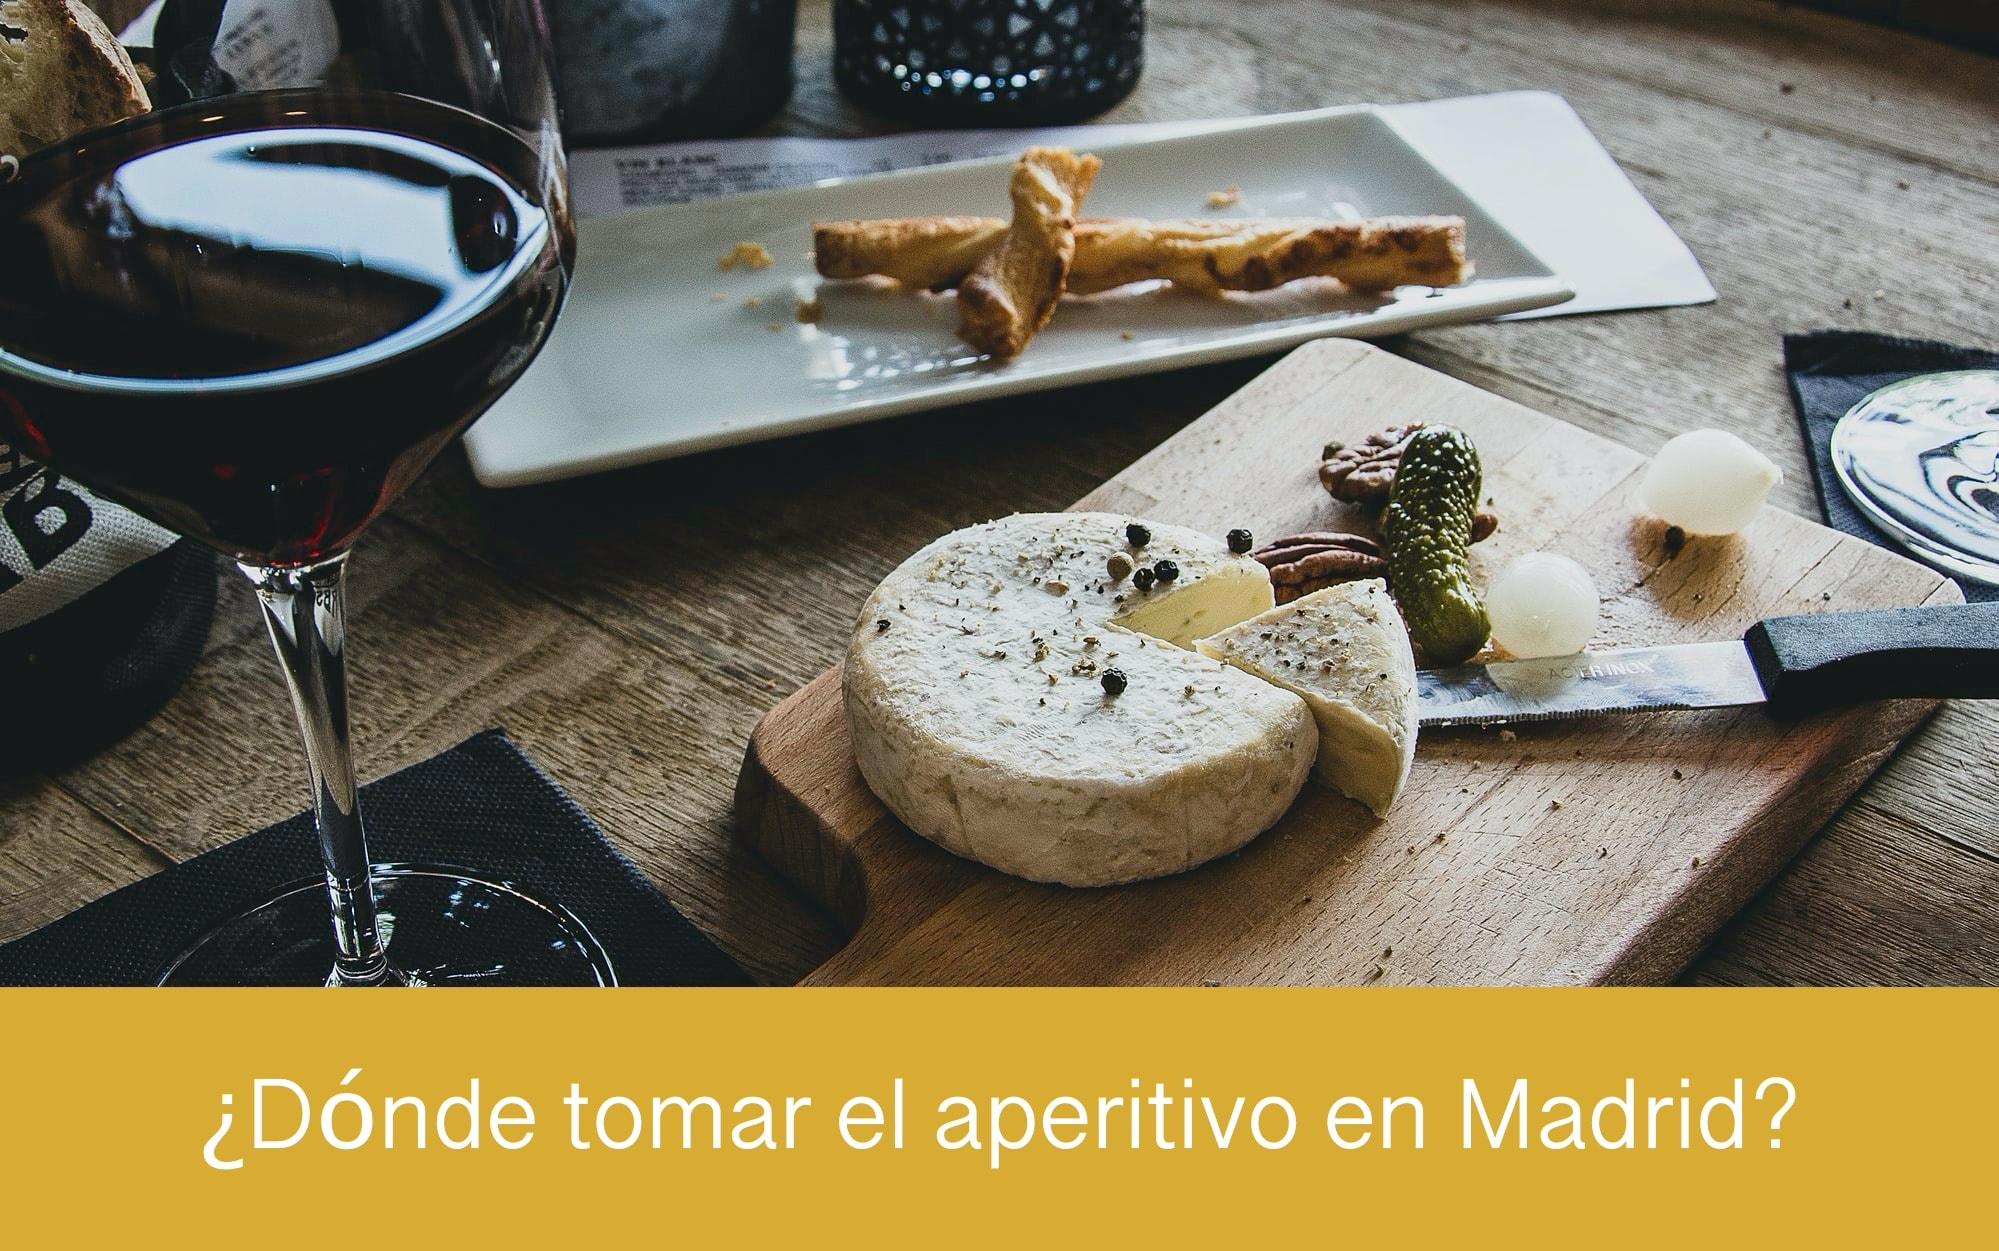 Dónde tomar el aperitivo en Madrid